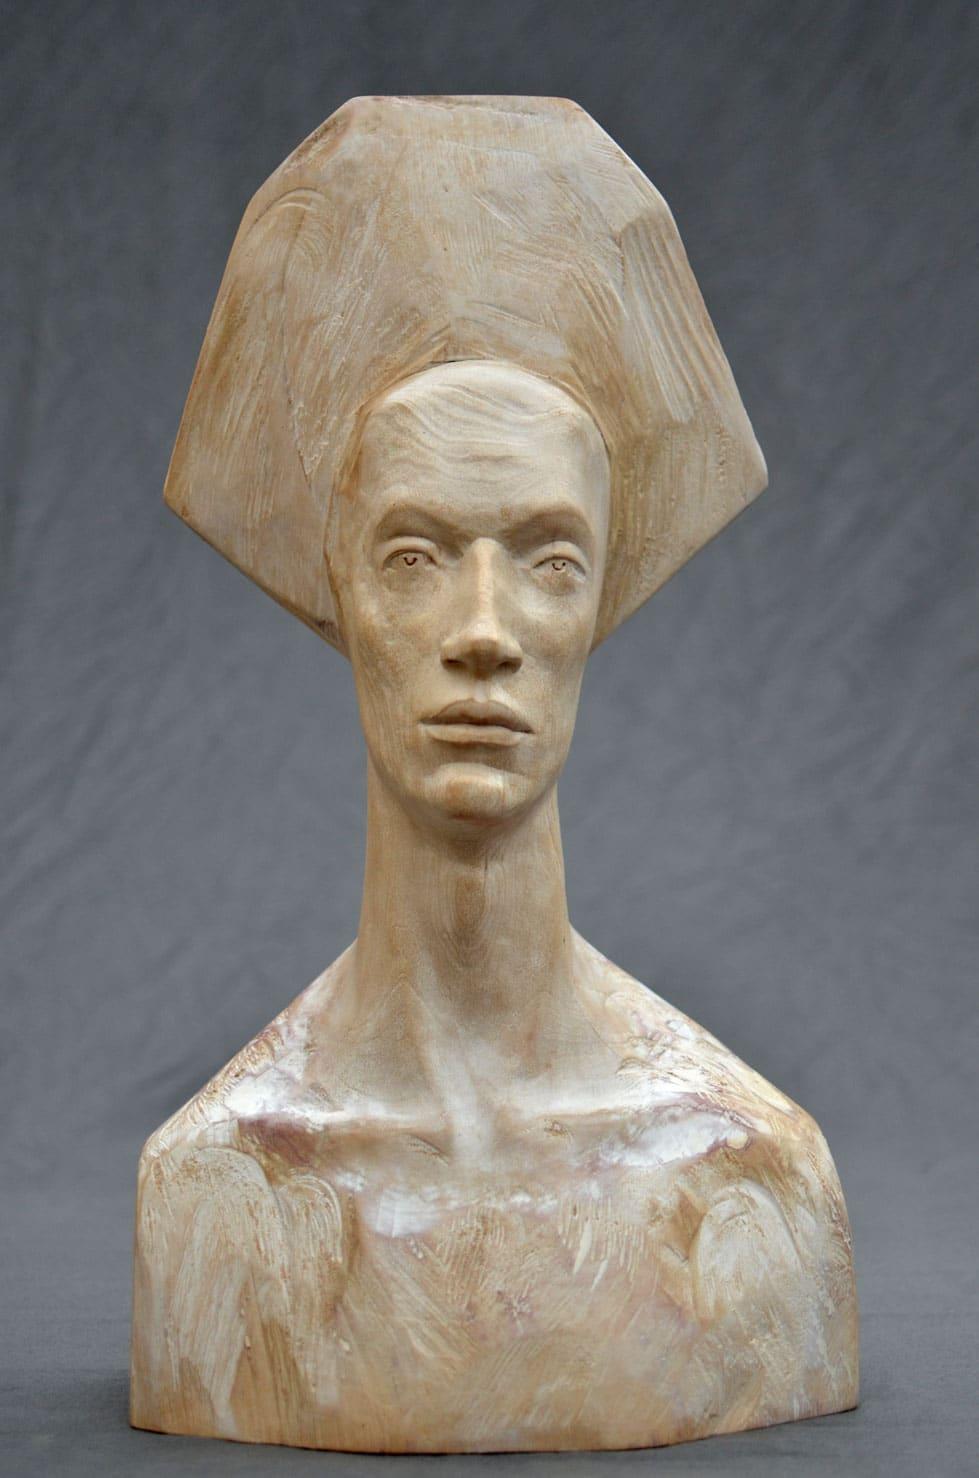 """"""" Feeling White """" tilleul, 63 cm, 2013 - Pièce unique"""